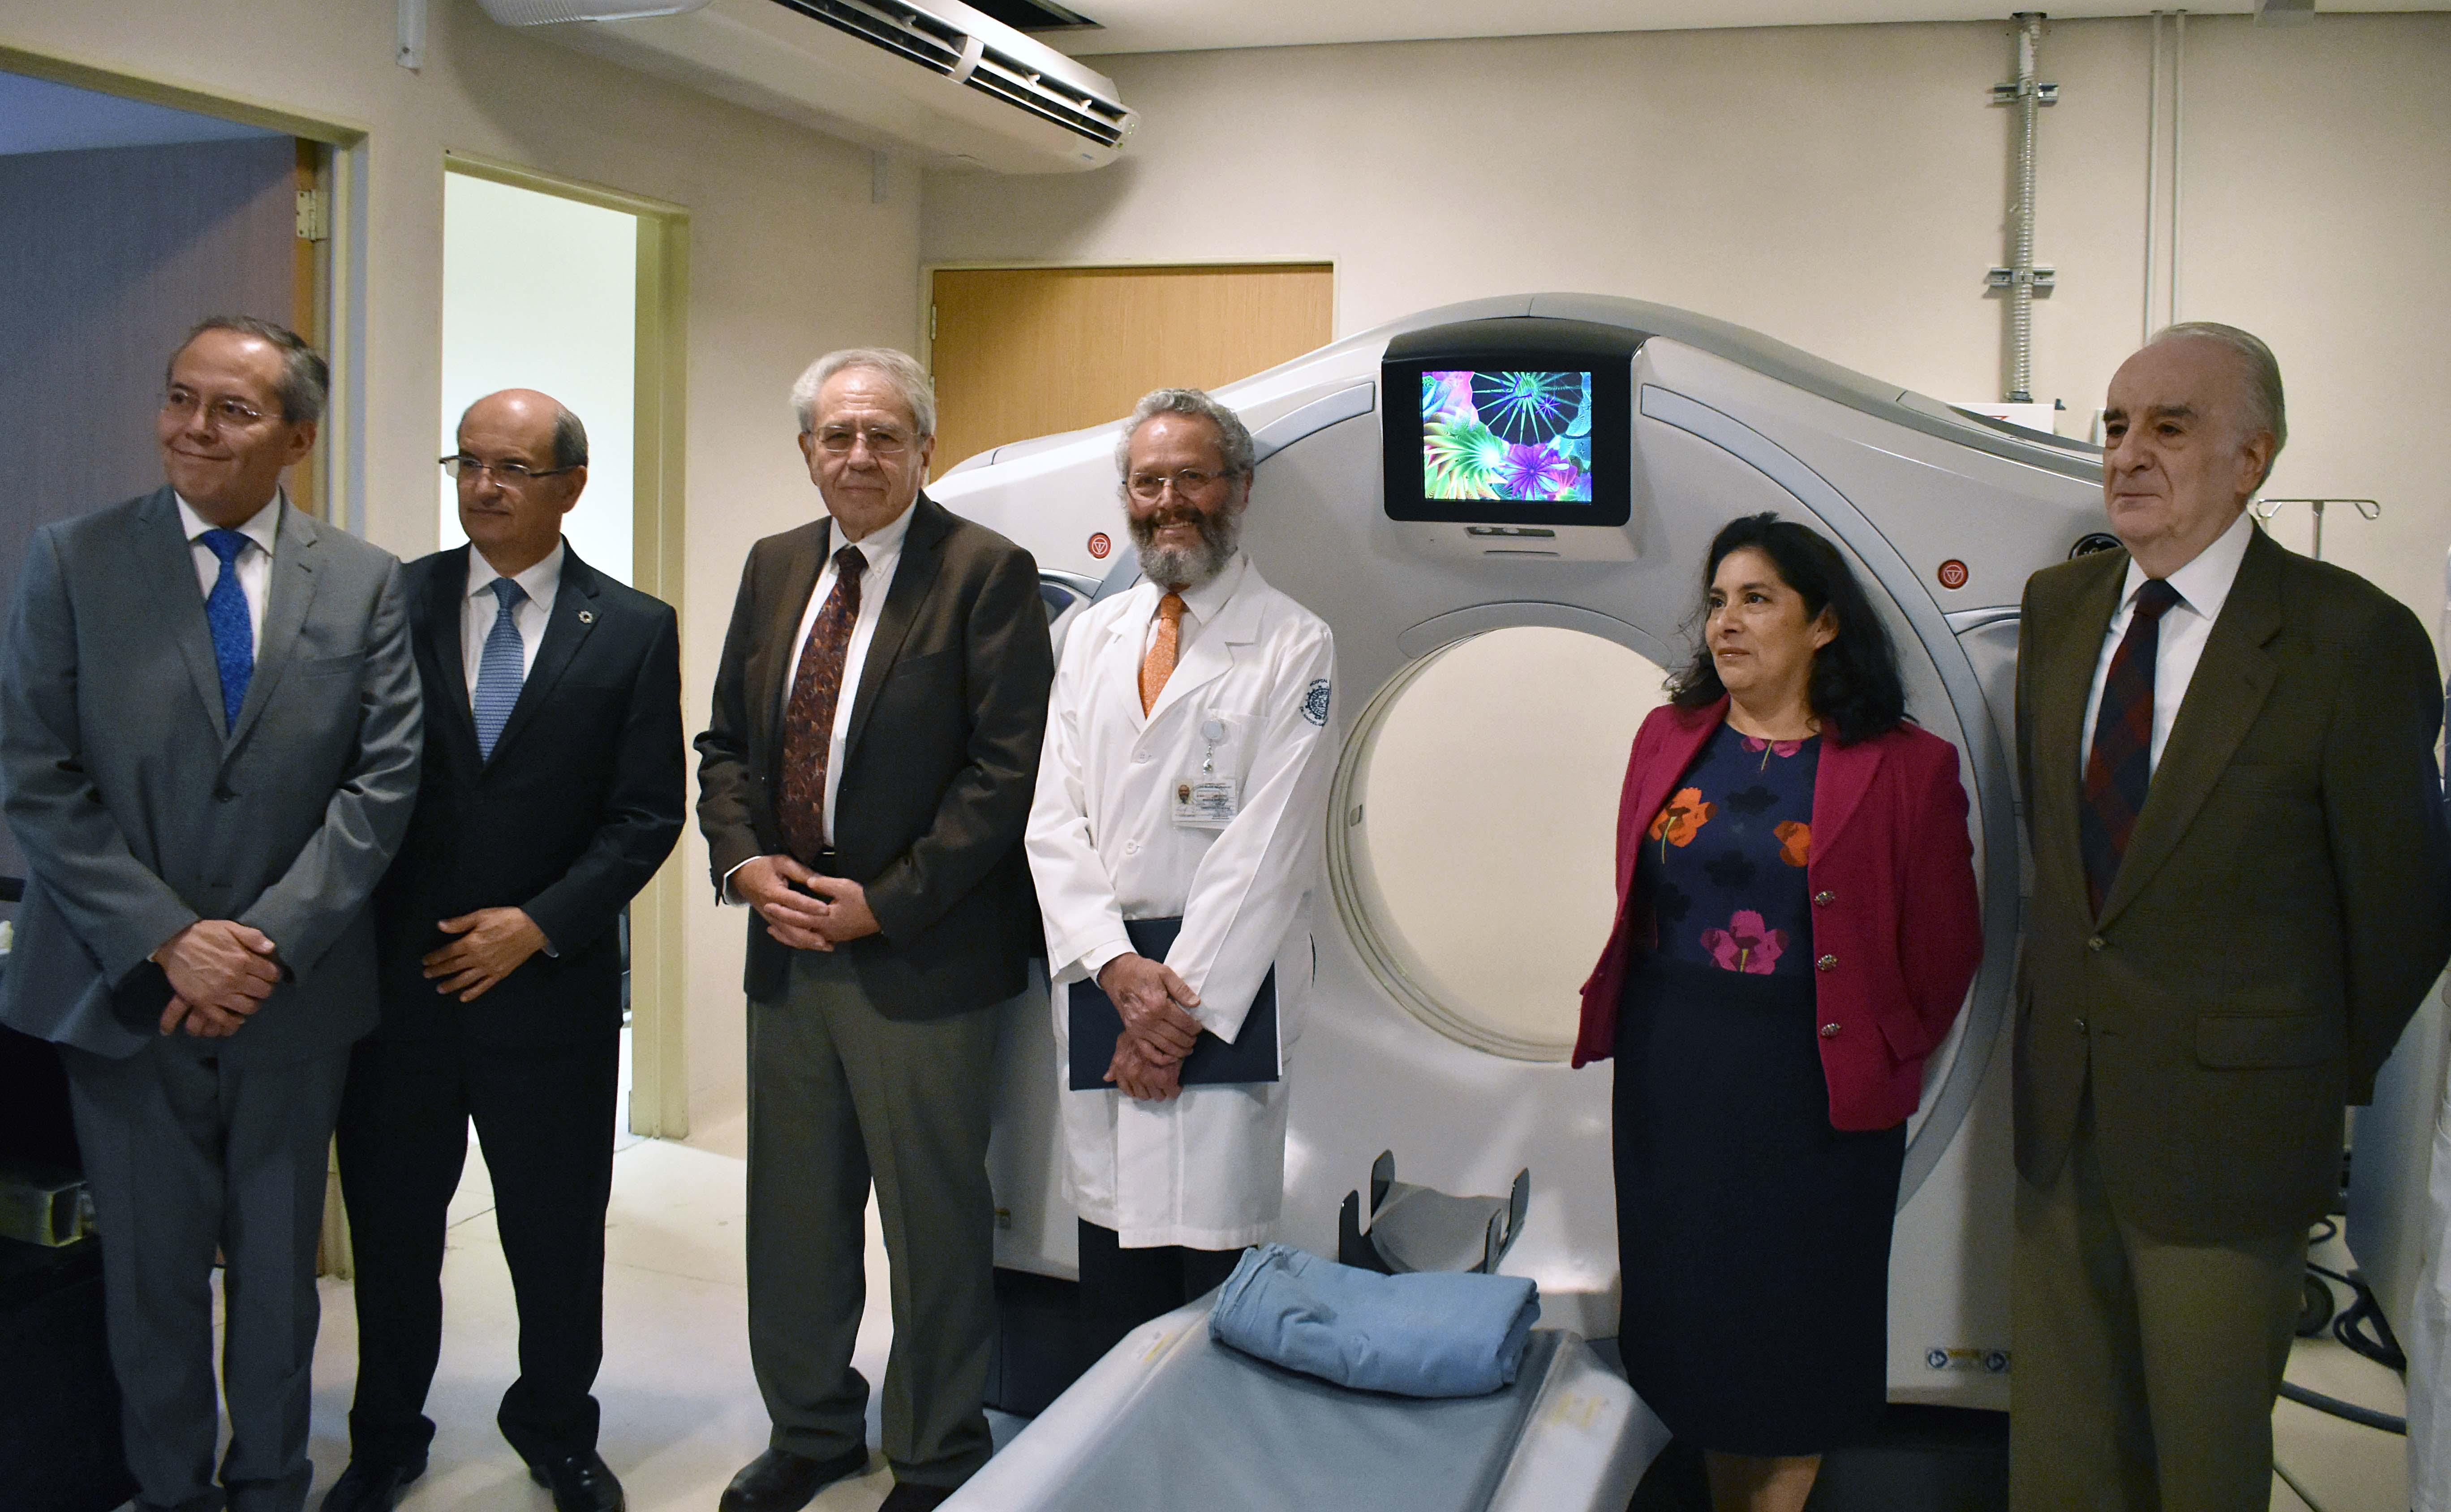 El Dr. Jorge Alcocer Varela, Secretario de Salud, junto al Dr. Octavio Sierra en la inauguración del tomógrafo del Hospital General Dr. Manuel Gea González.